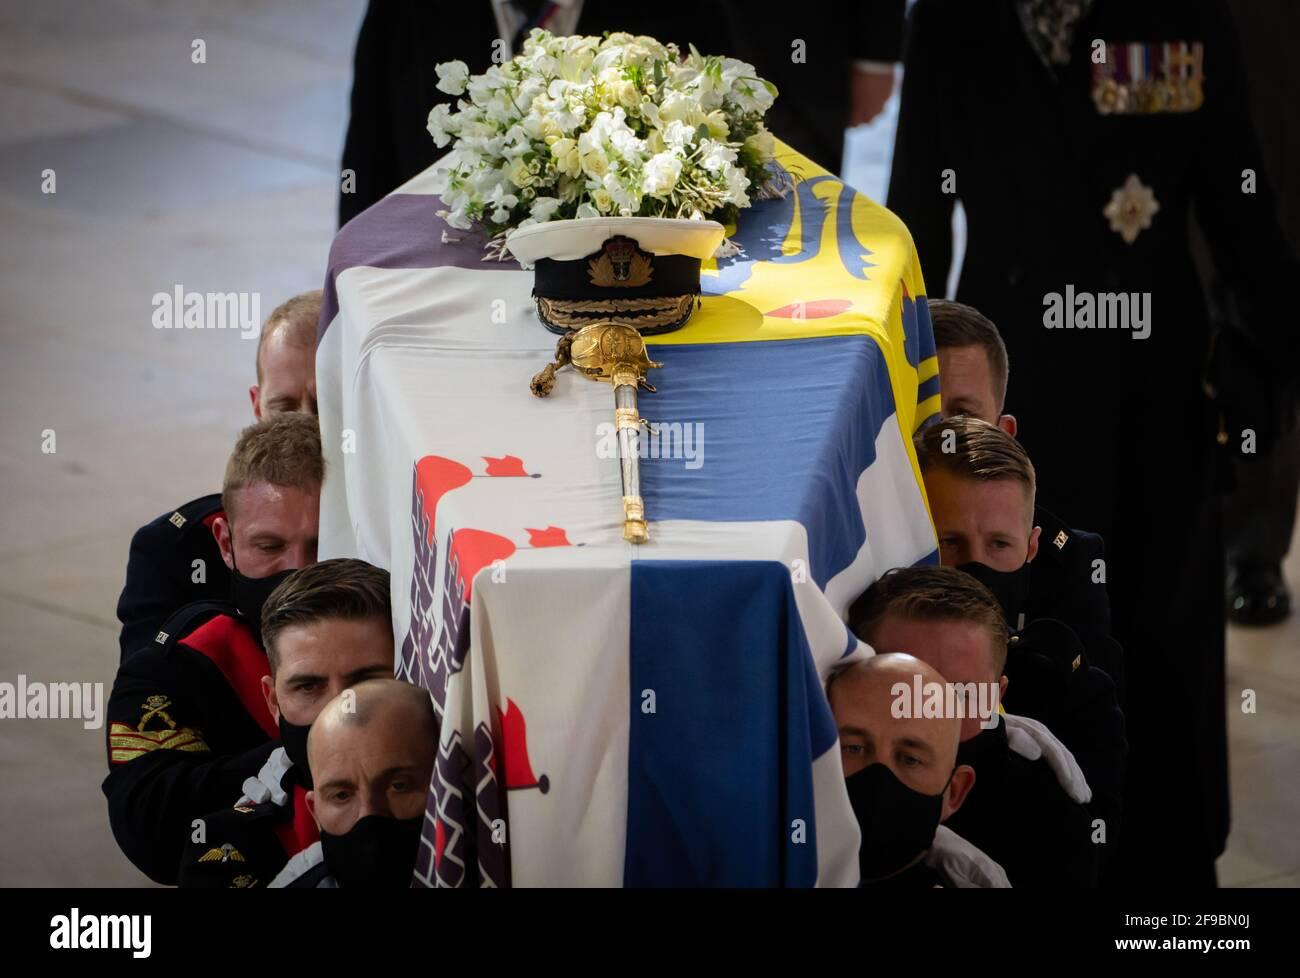 Pall-Träger tragen den Sarg während der Beerdigung des Herzogs von Edinburgh in der St. George's Chapel, Windsor Castle, Bekshire. Bilddatum: Samstag, 17. April 2021. Stockfoto